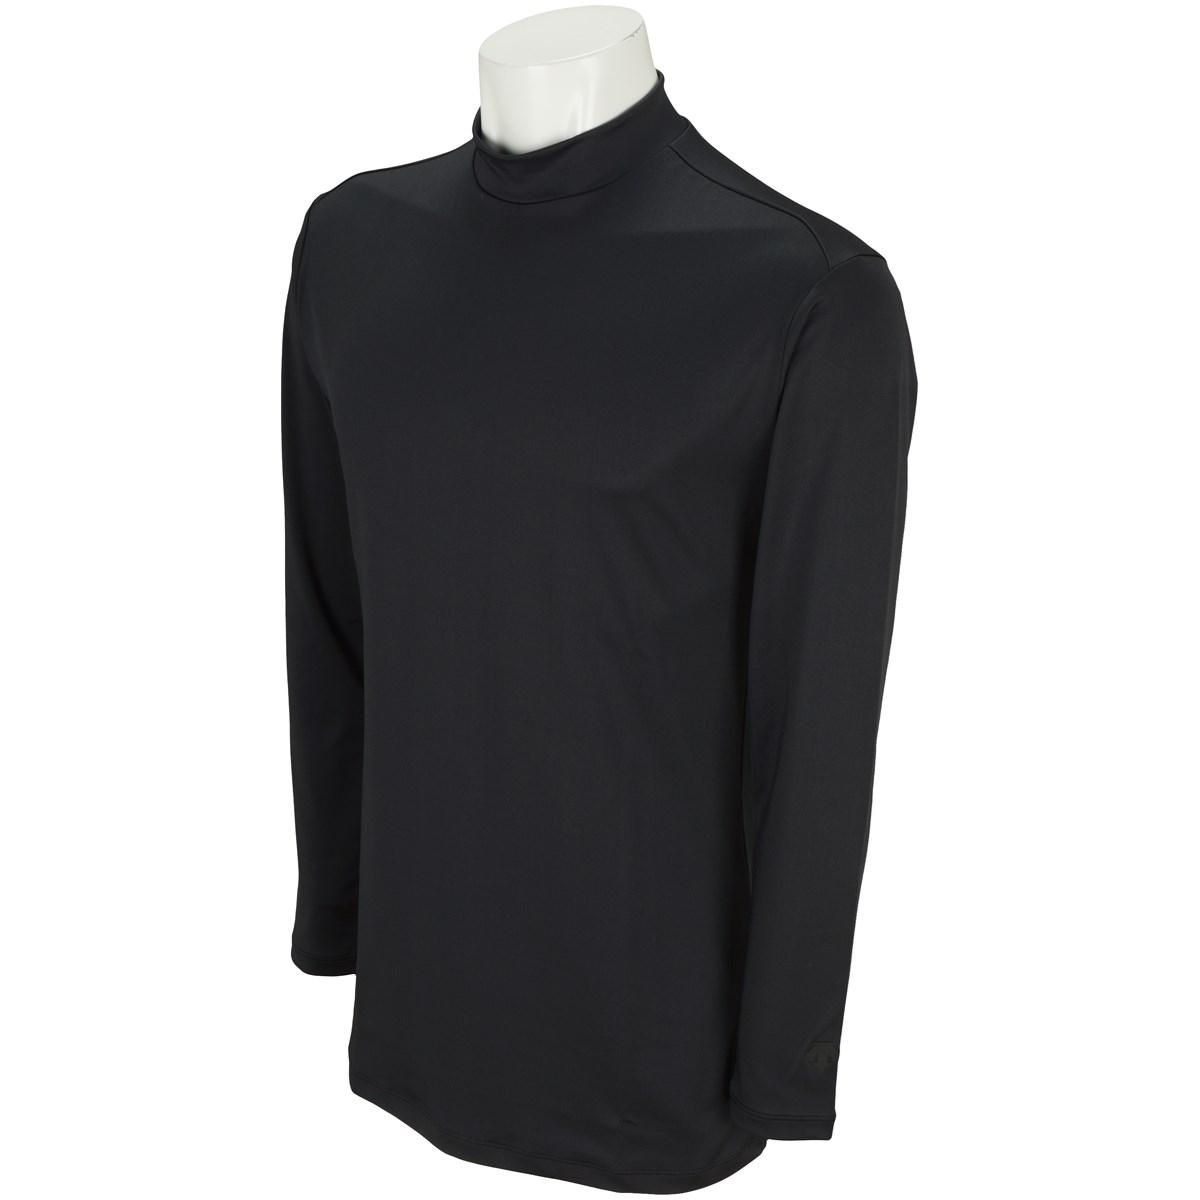 デサントゴルフ DESCENTE GOLF ストレッチ 長袖インナーシャツ M ブラック 00